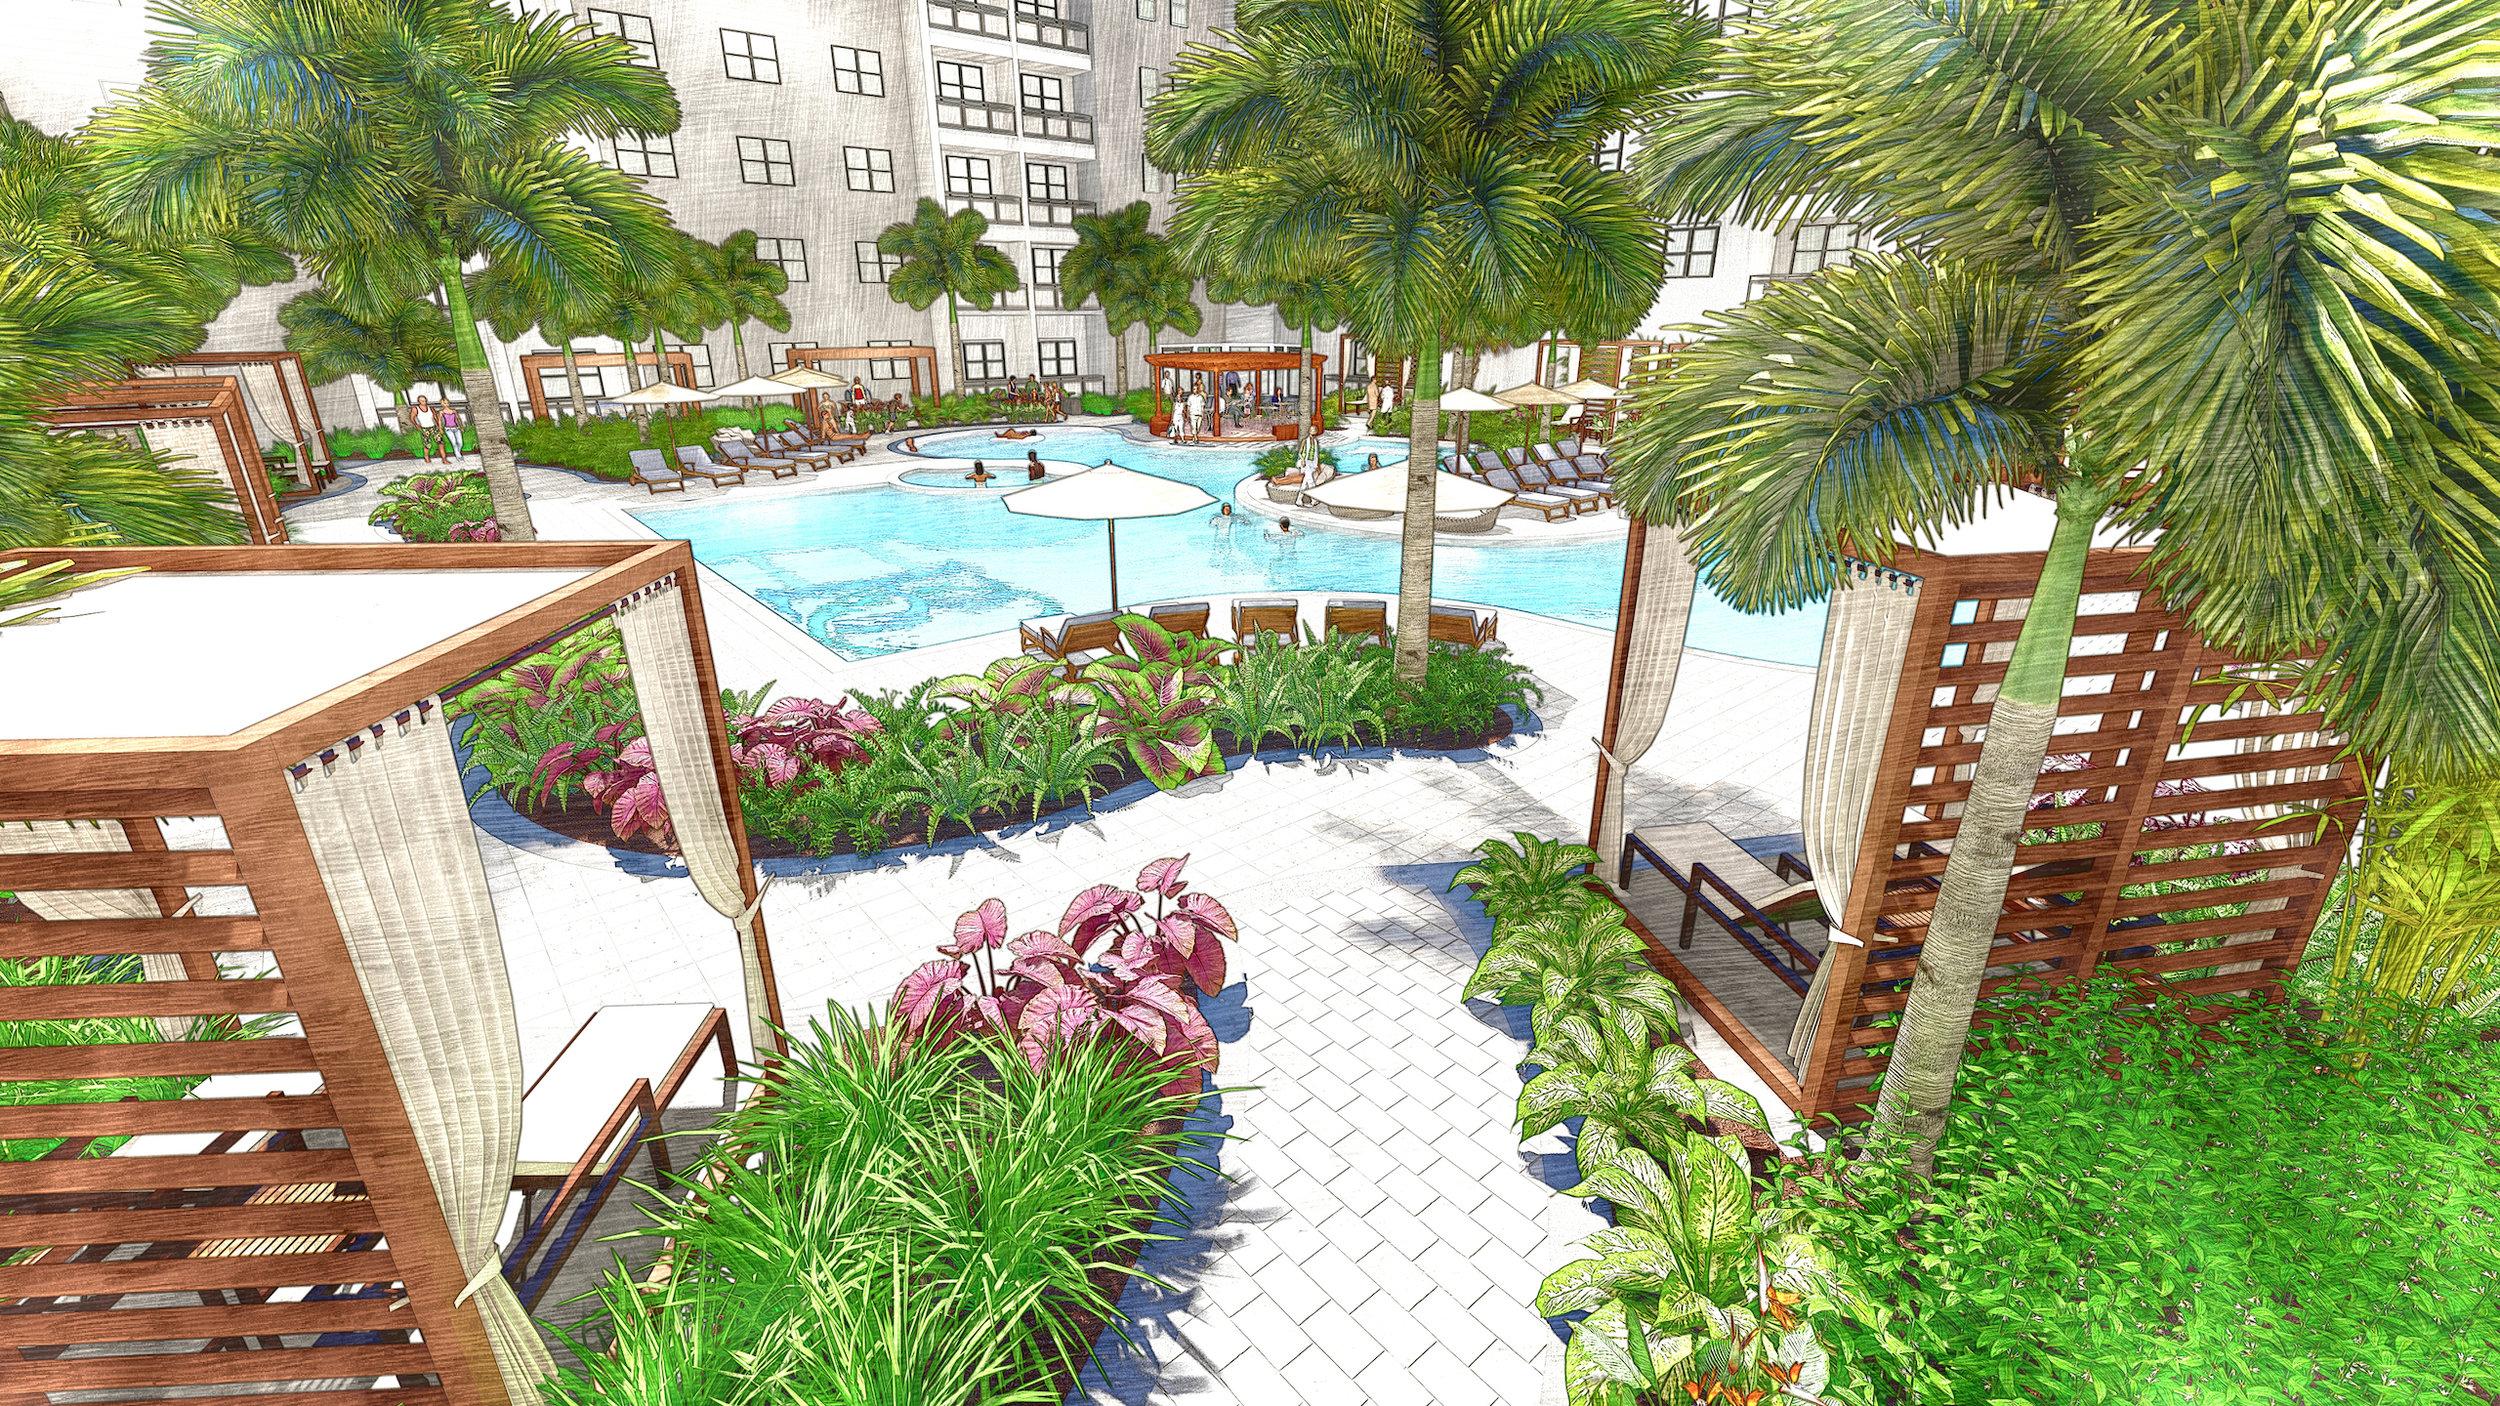 Pool courtyard - People.jpg